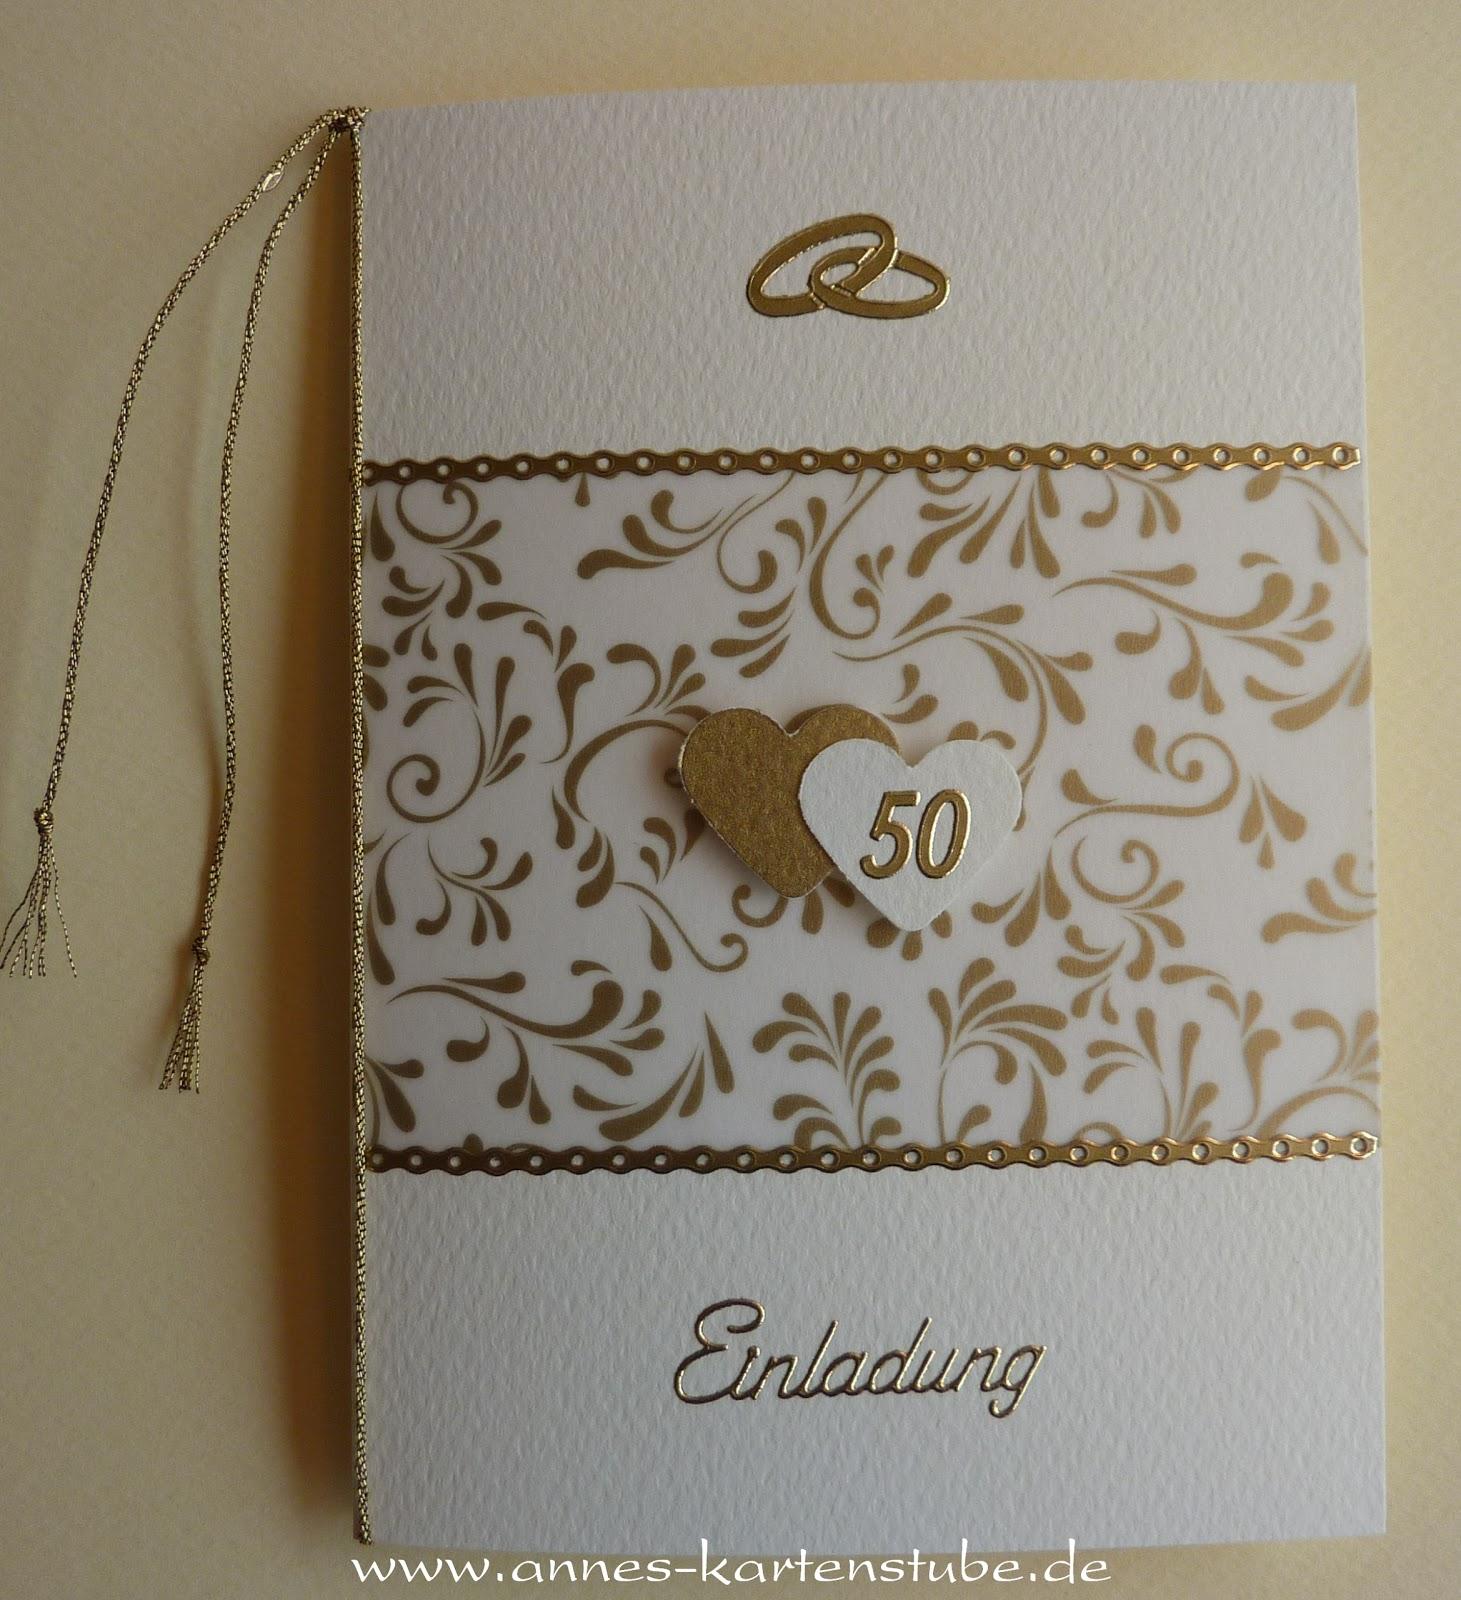 einladungskarten fur goldene hochzeit – cloudhash, Einladungsentwurf